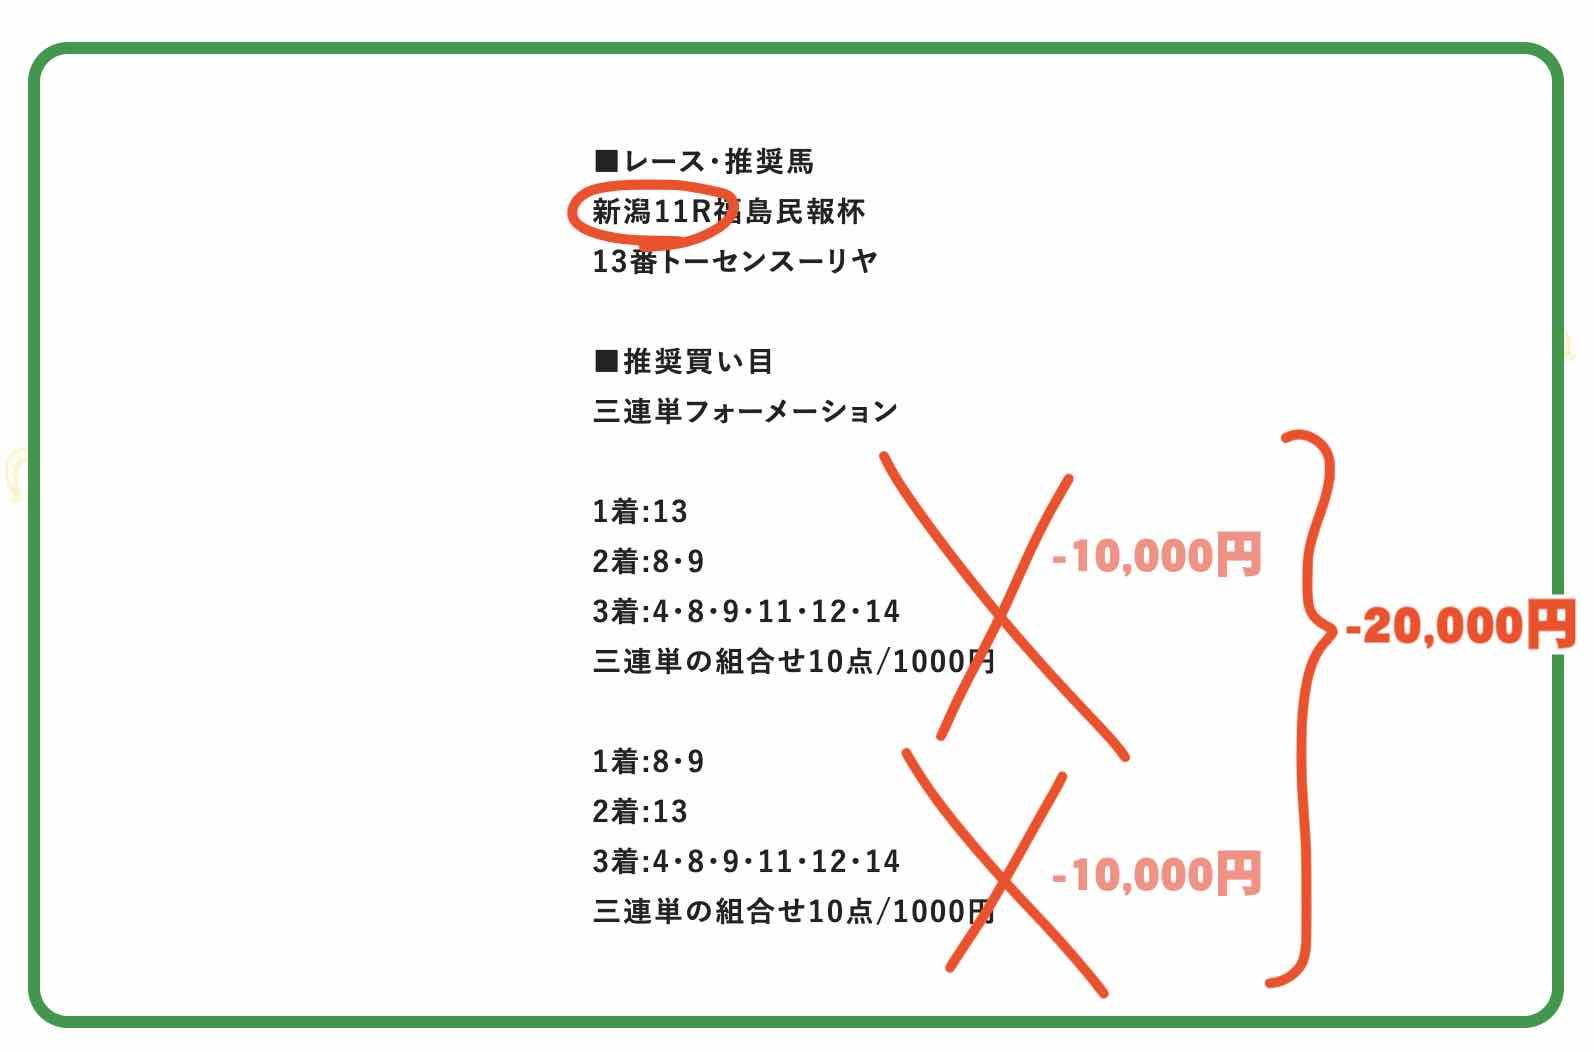 ファイナルホースの無料予想(無料情報)の抜き打ち検証